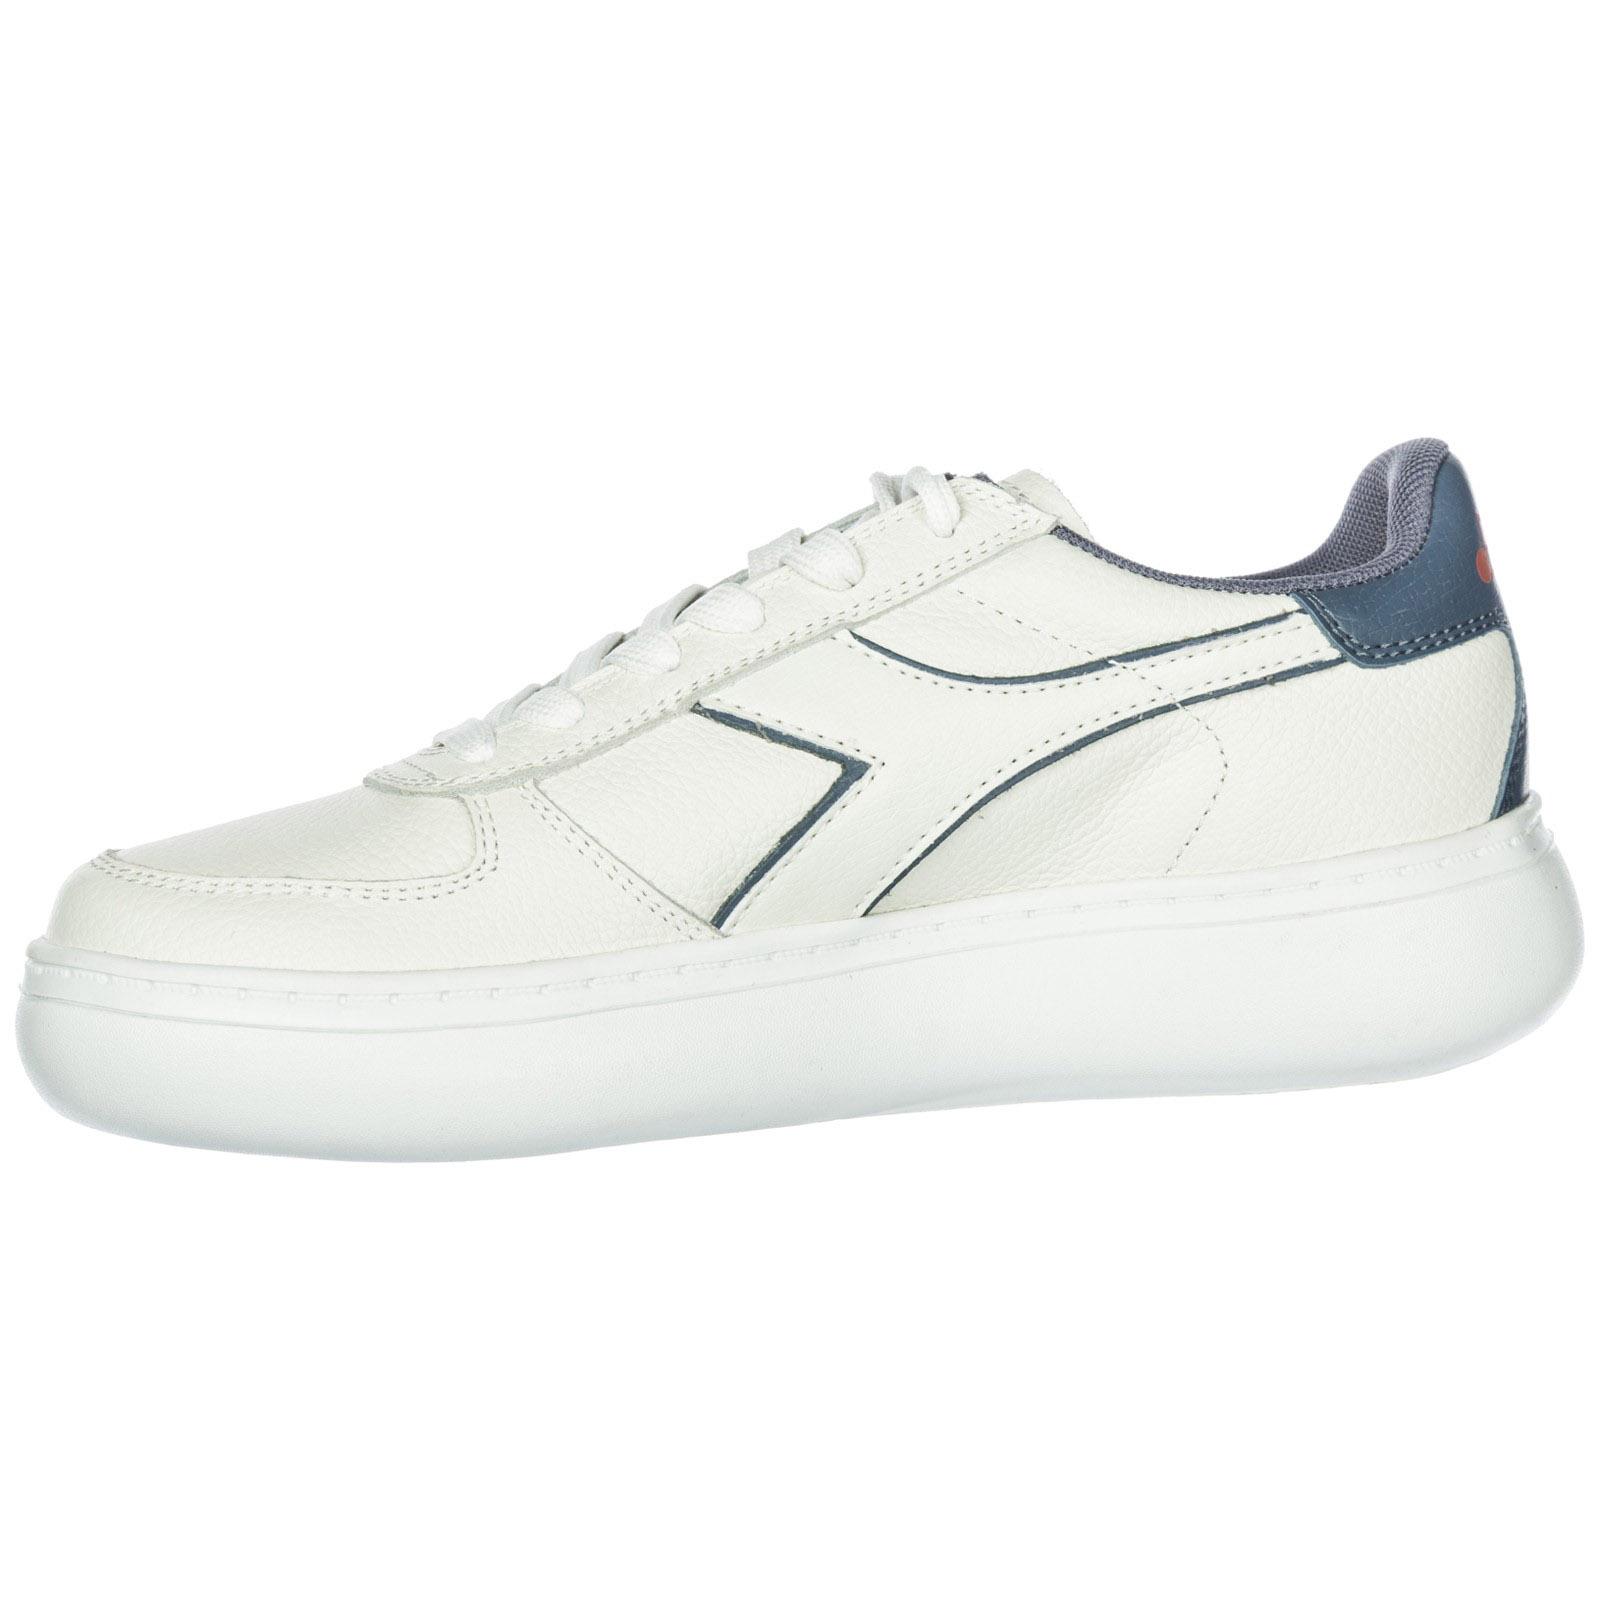 Zapatillas 173733 Grisaille White Deportivas 501 Diadora O8qvPO